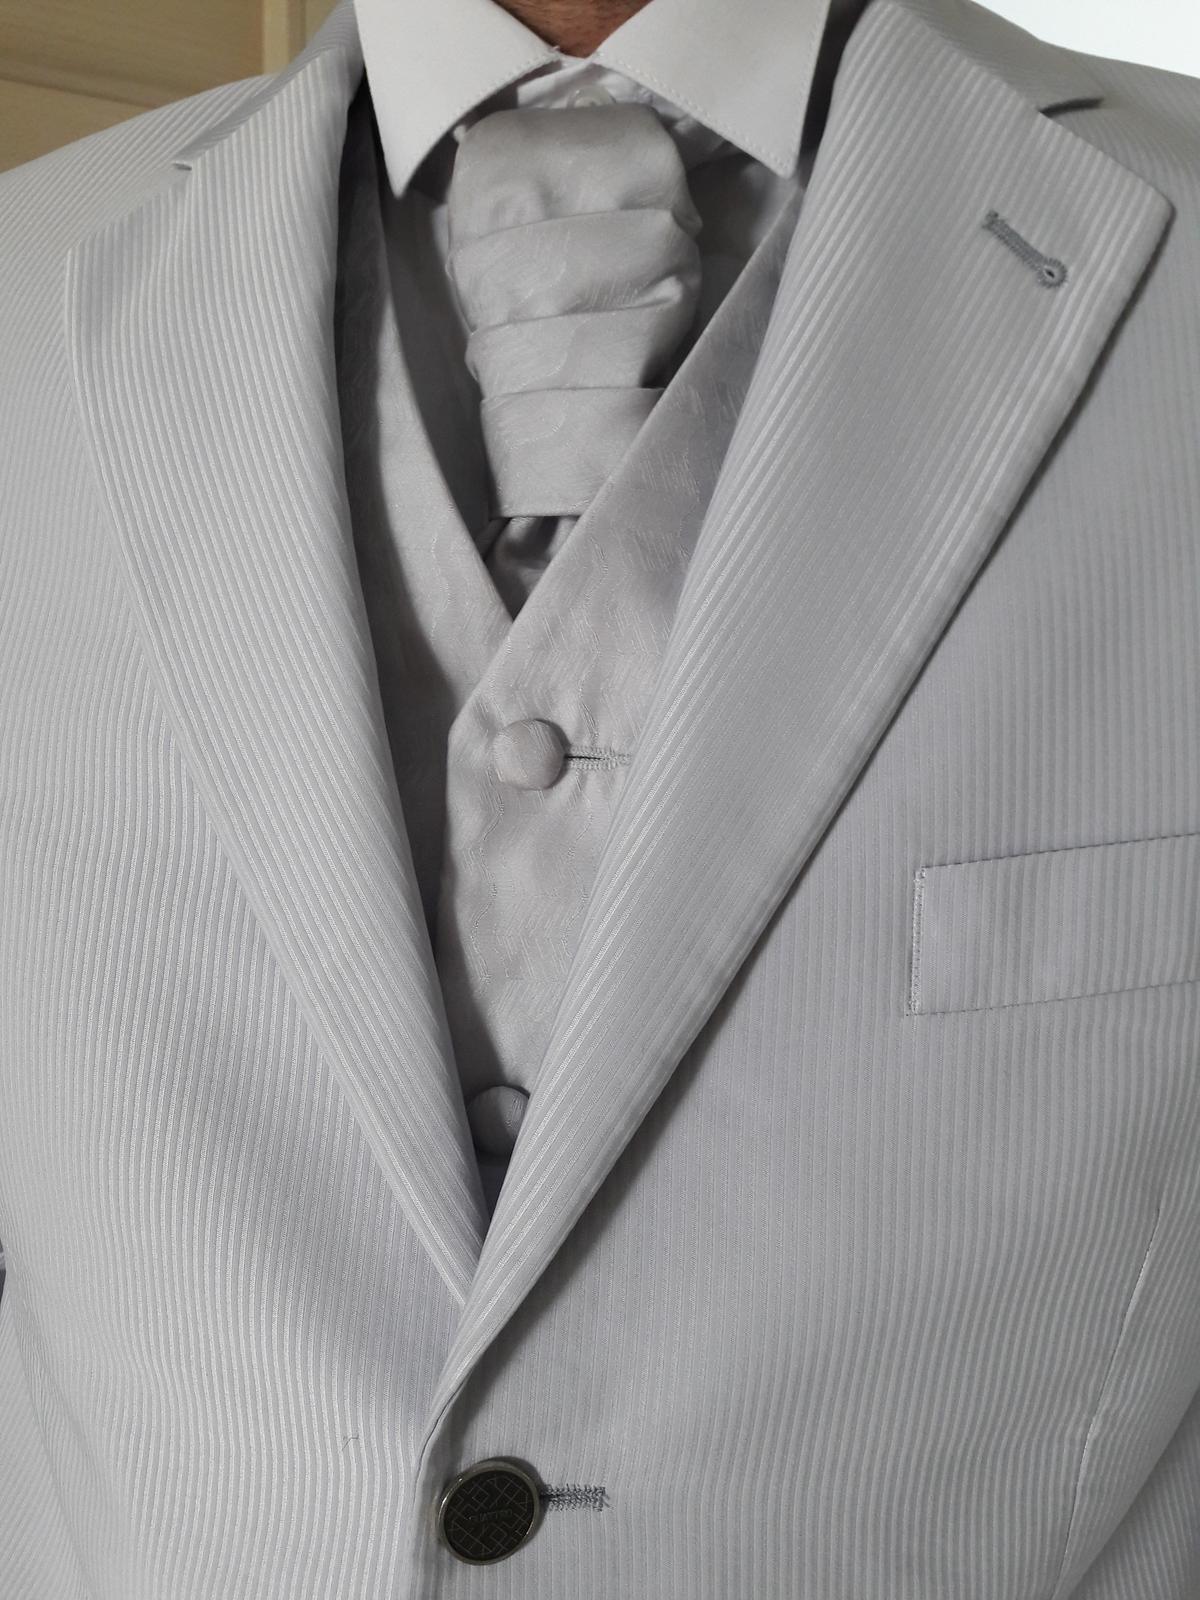 Oblek pre ženícha (svadobný oblek) - Obrázok č. 4